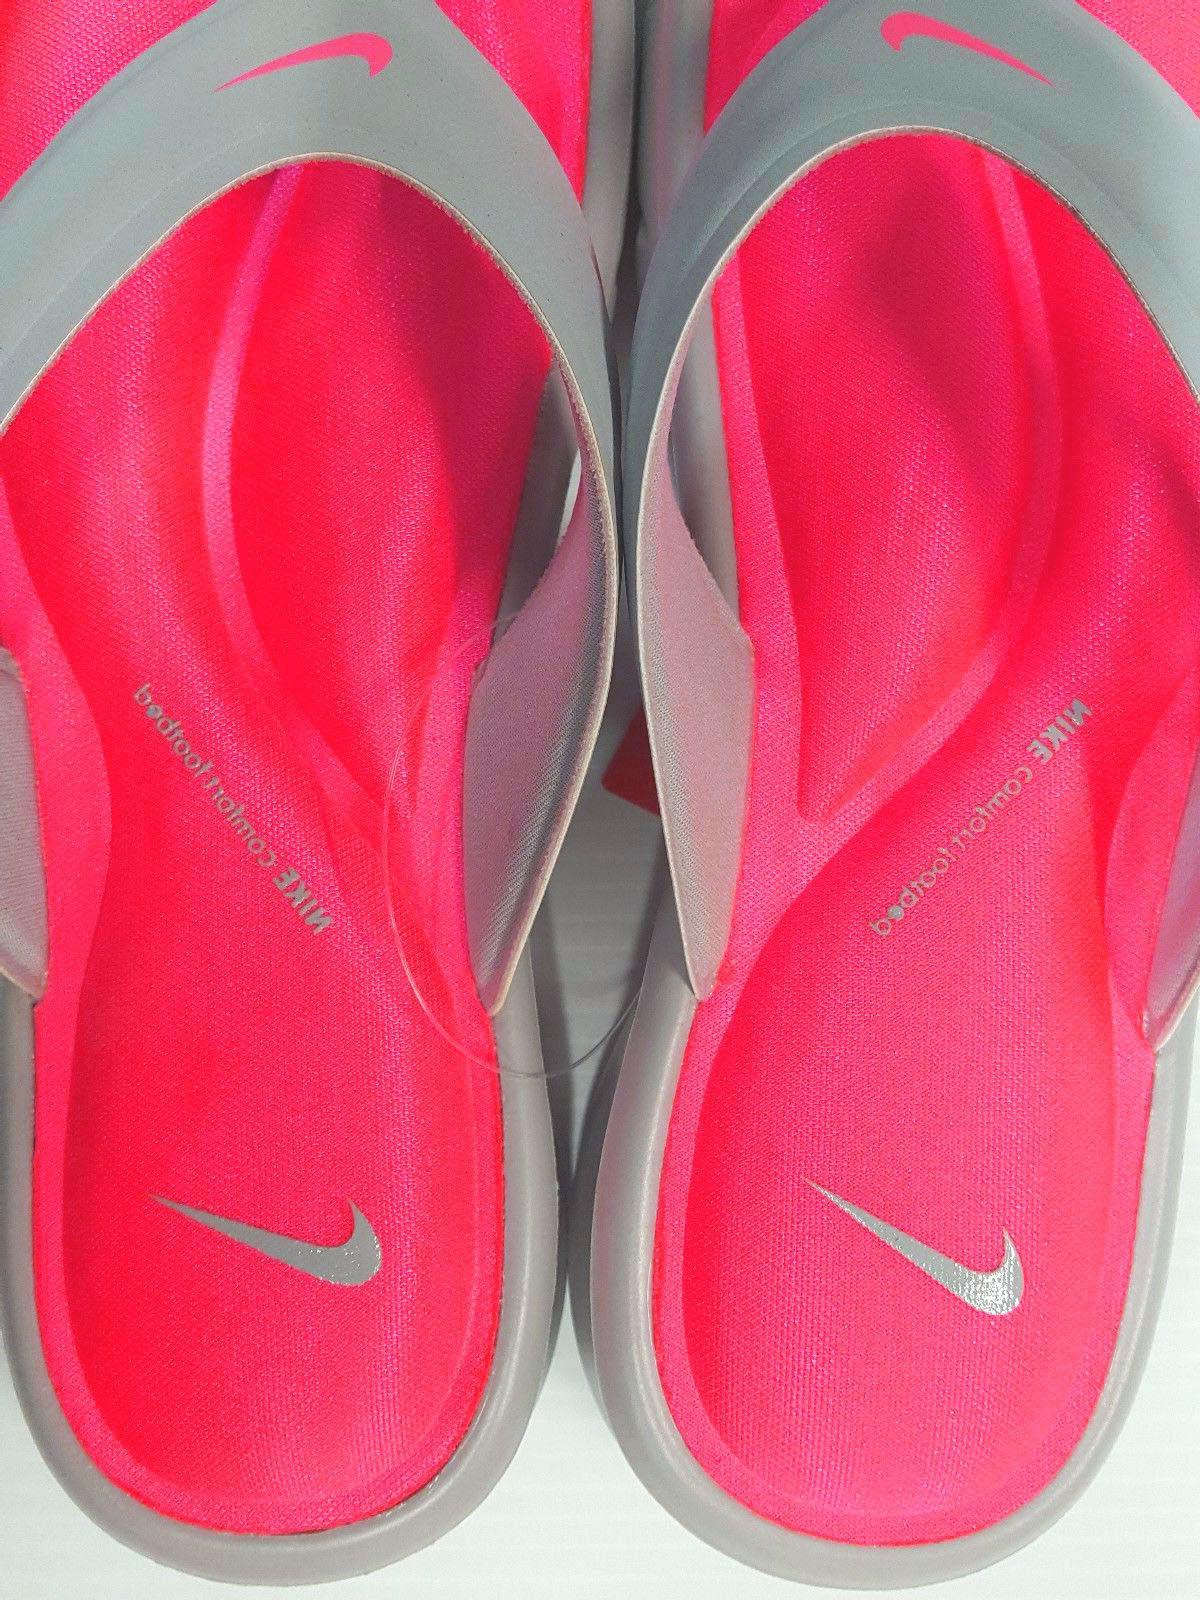 Nike Women's Ultra Thong Flip-Flops Gray/Punch Size